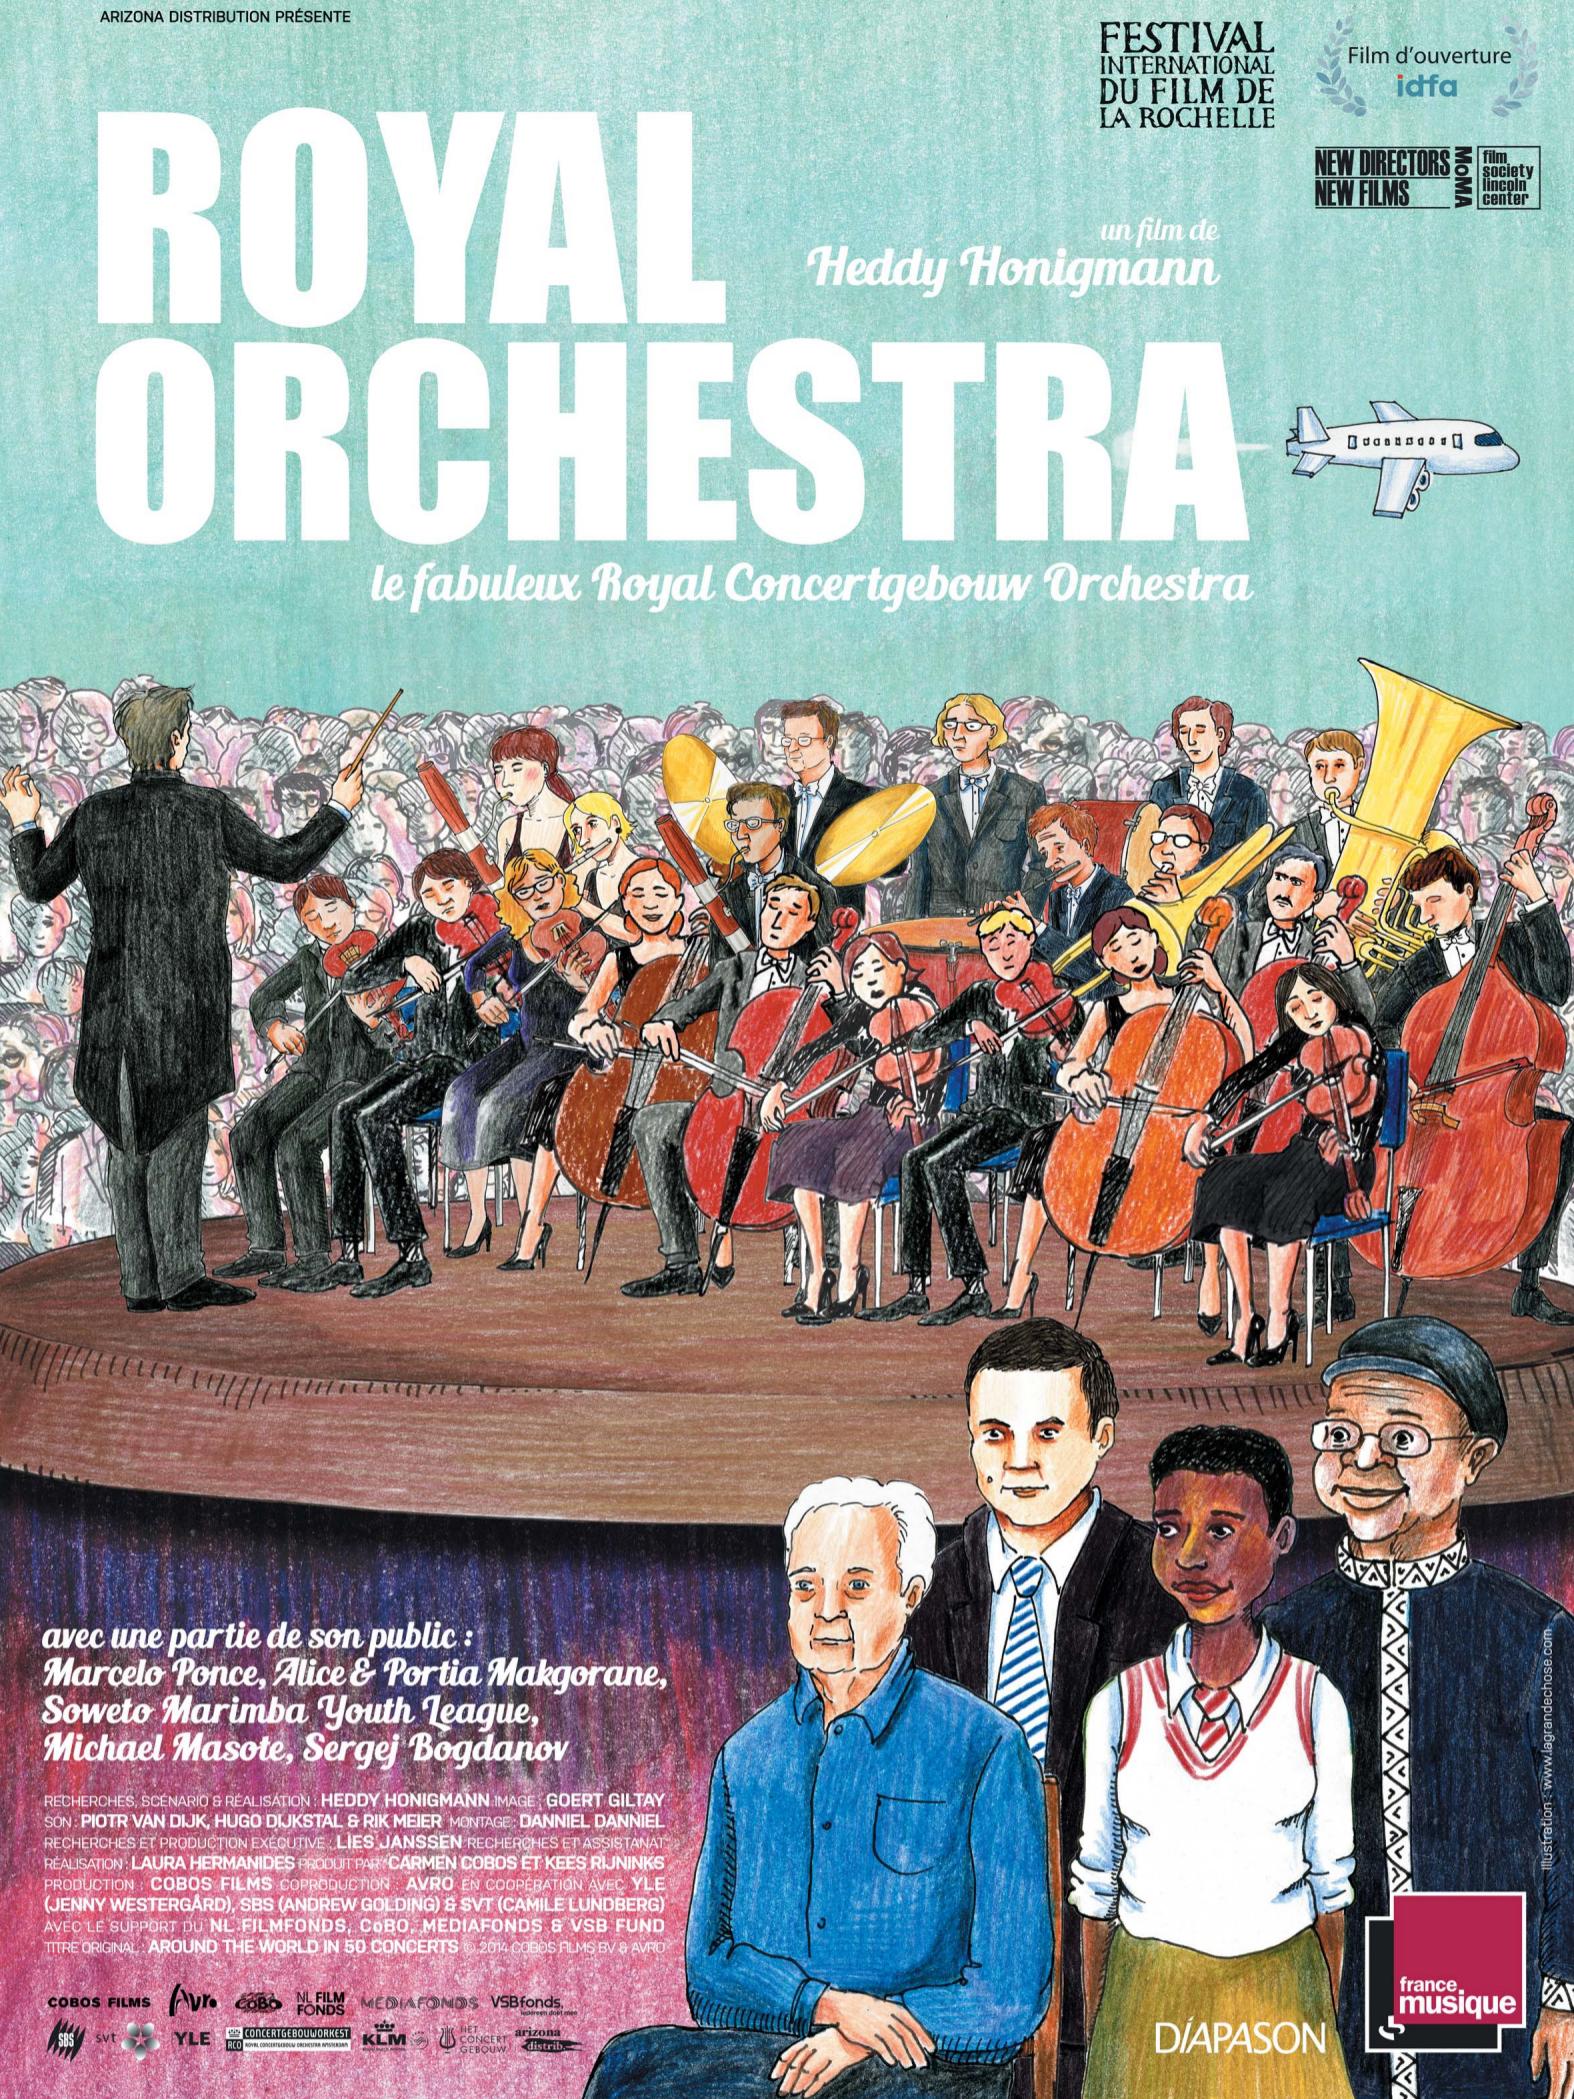 Royal Orchestra | Honigmann, Heddy (Réalisateur)